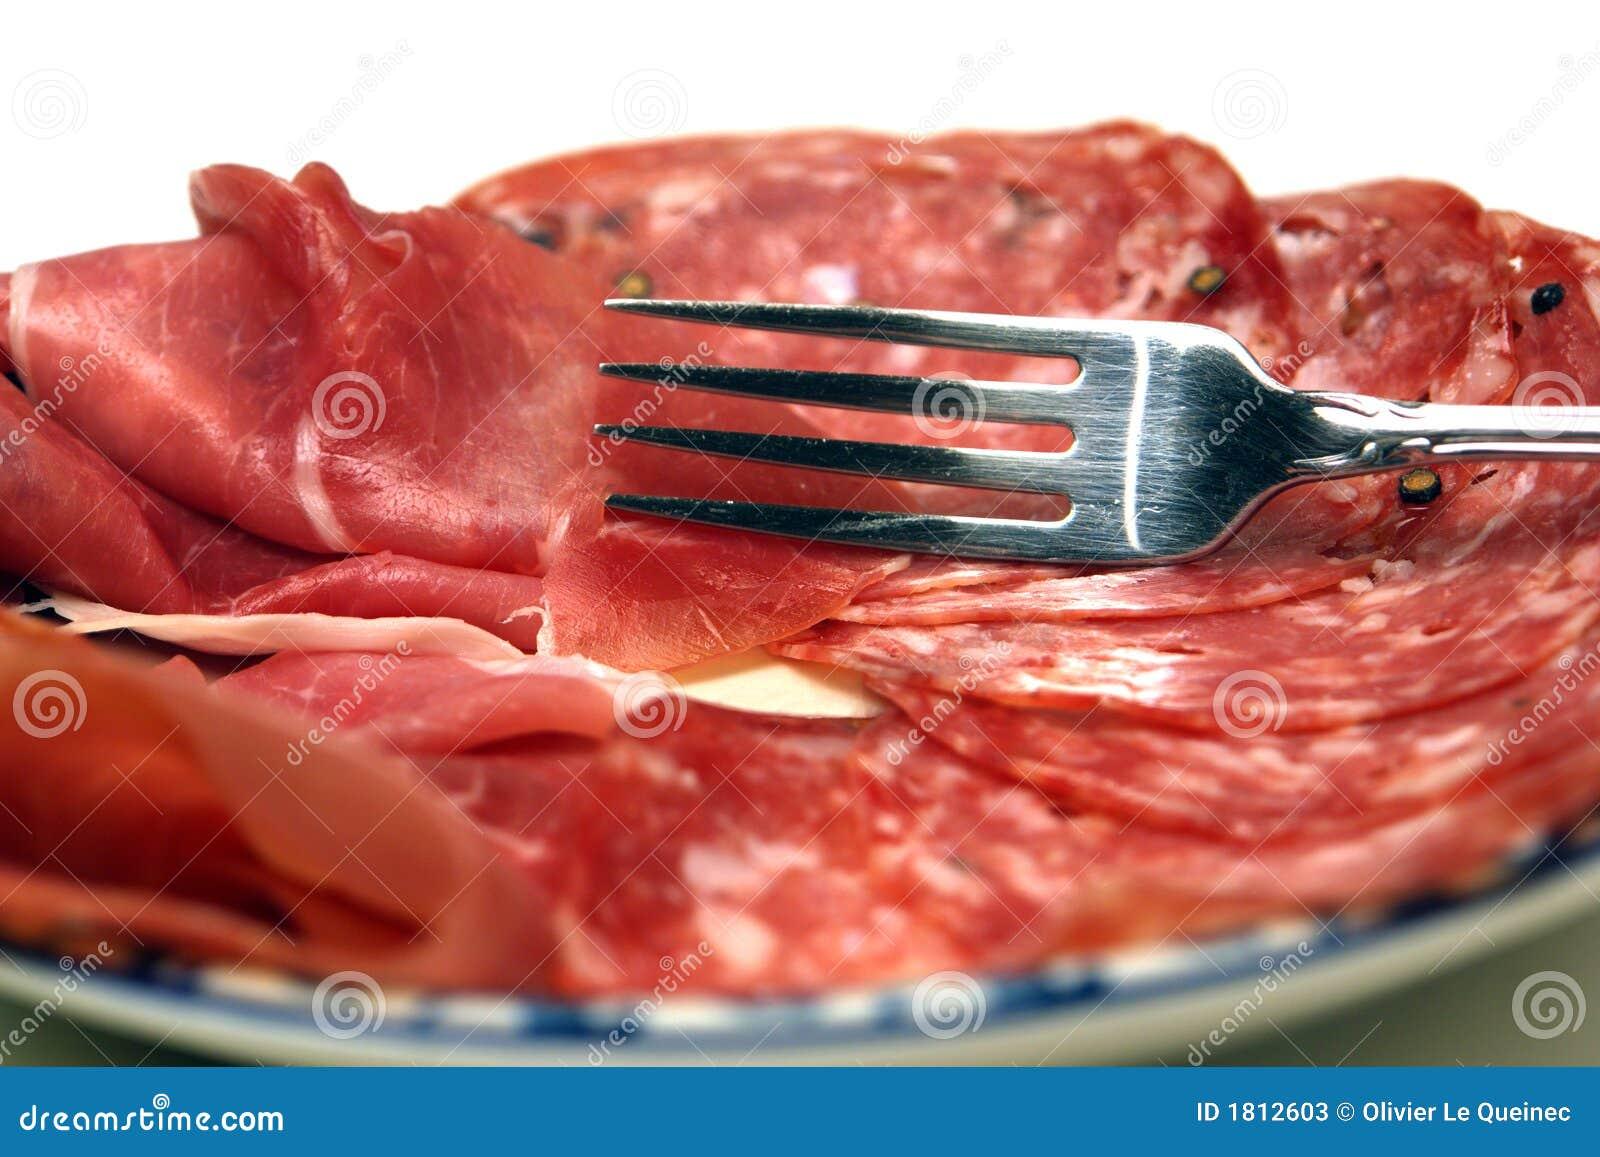 Widelce ciał płytkę prosciutto salami